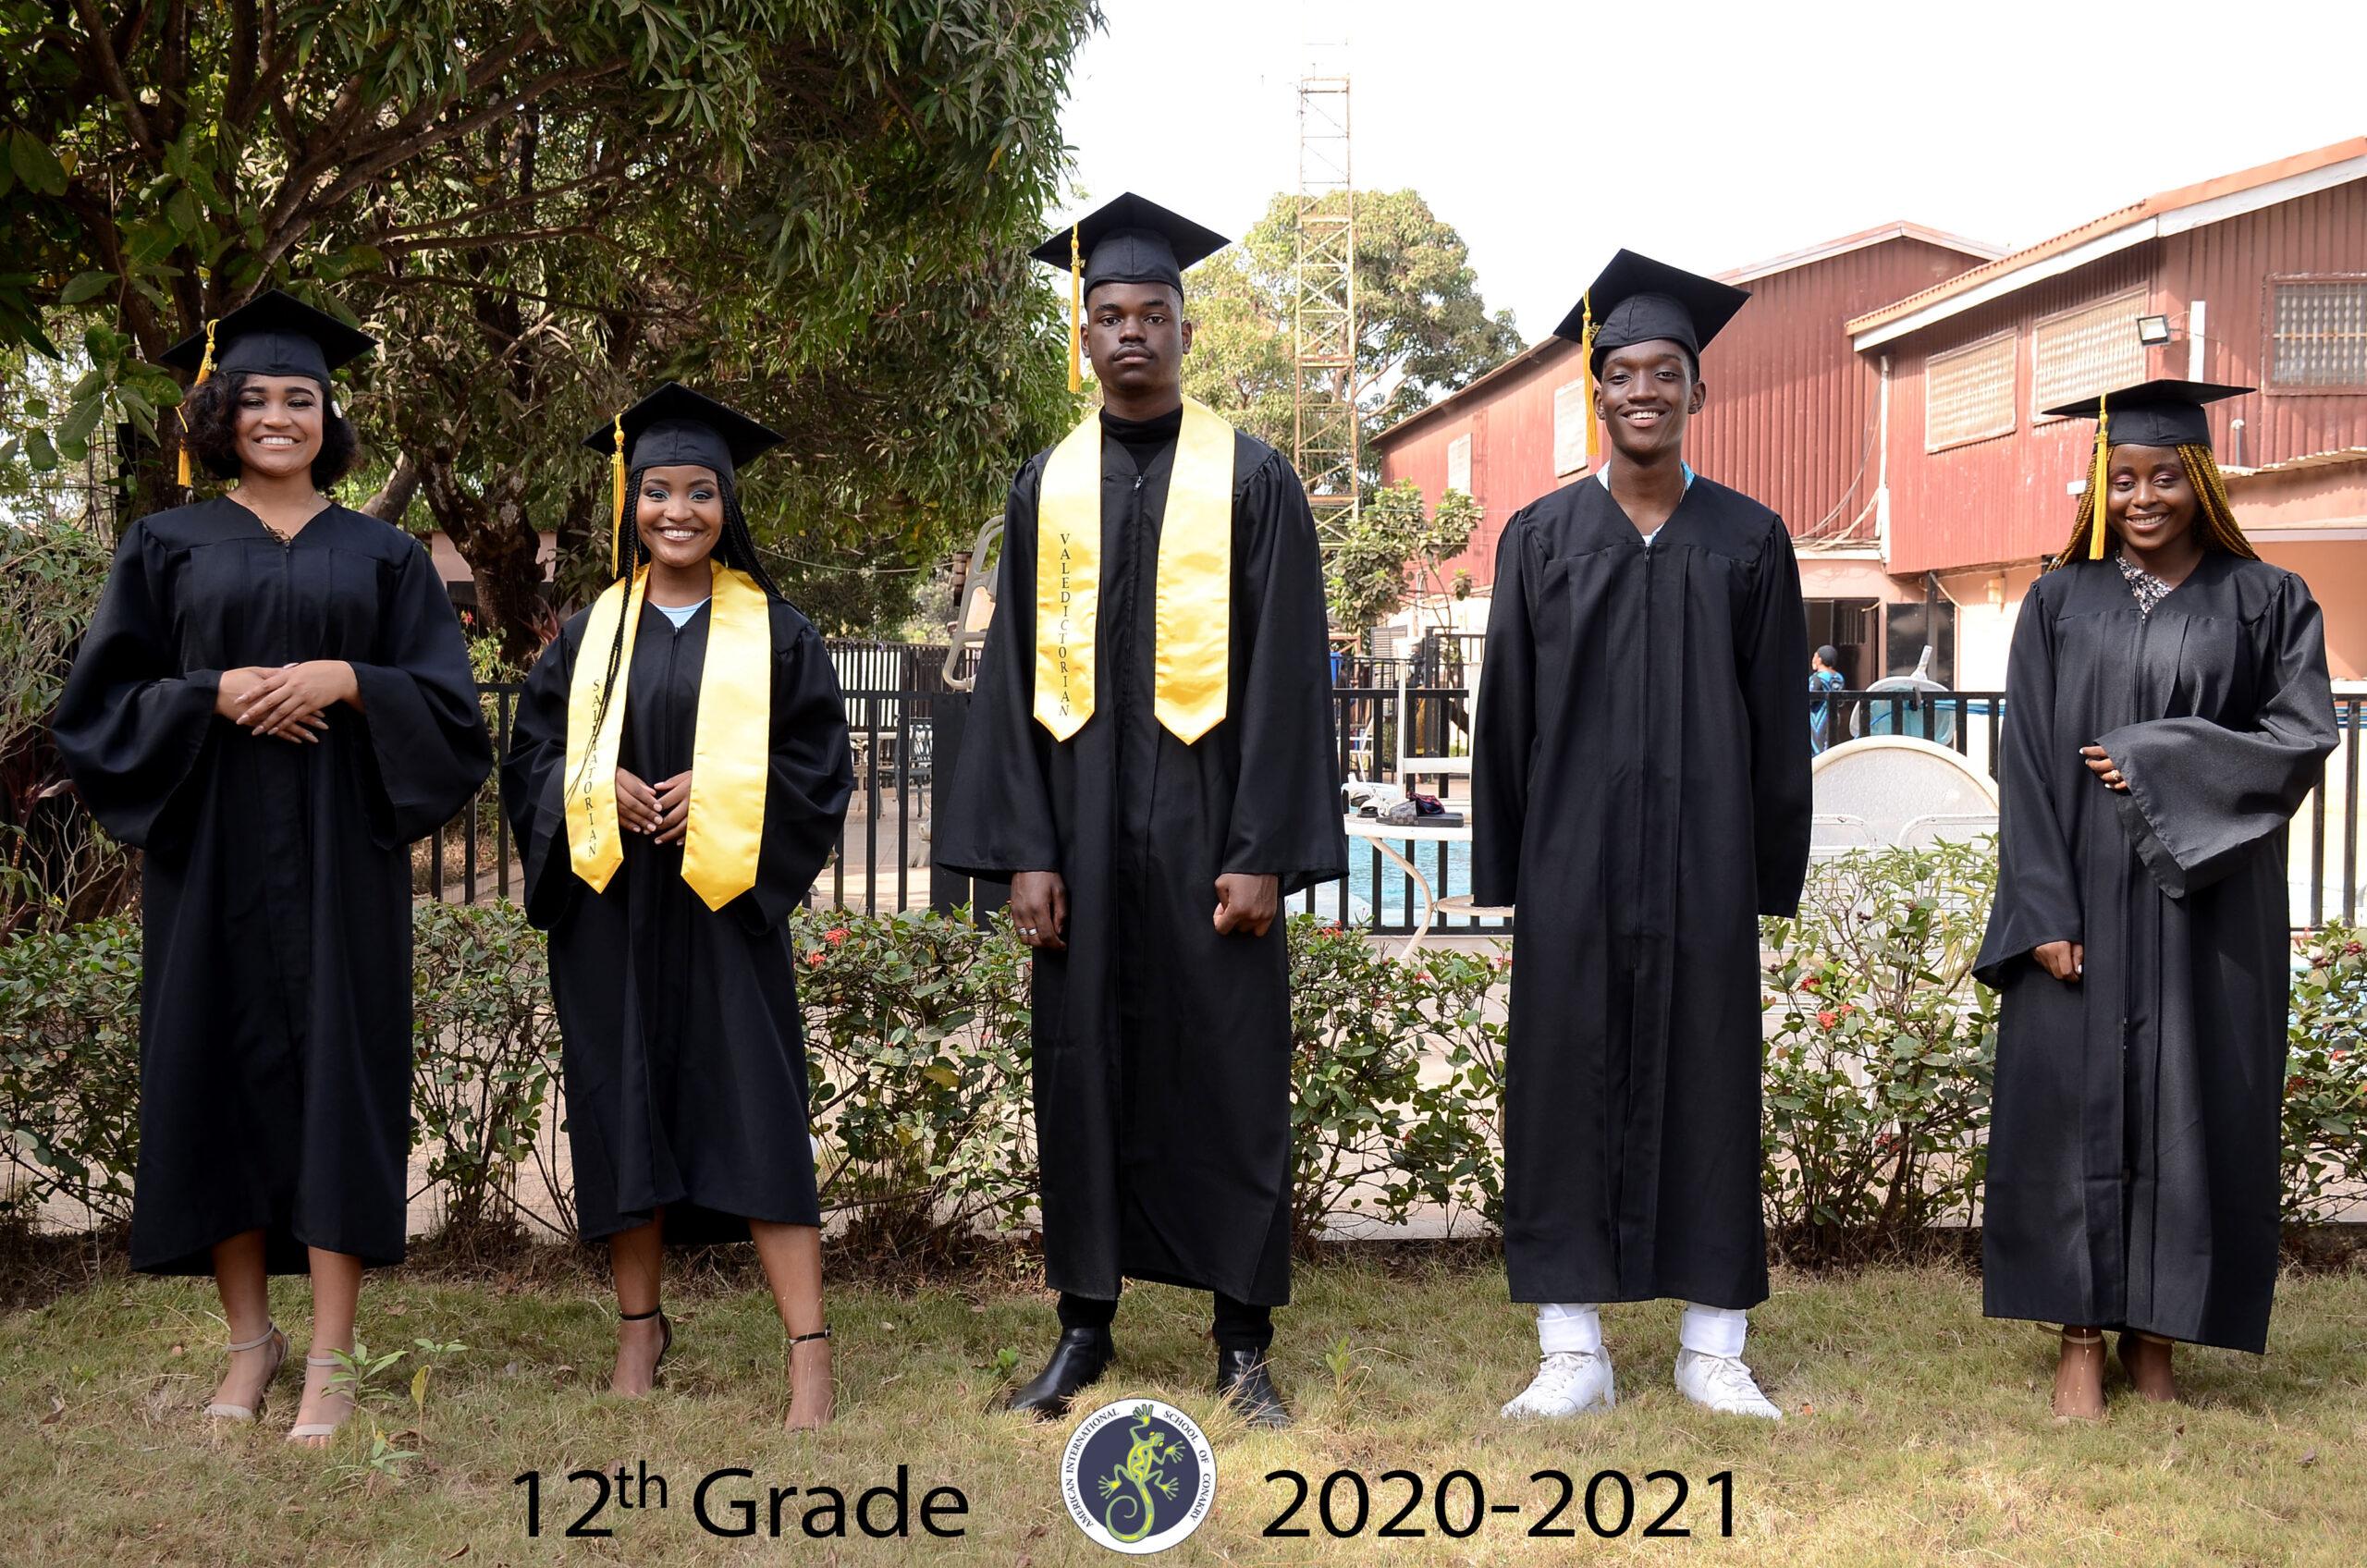 12th Grade - 2020/2021